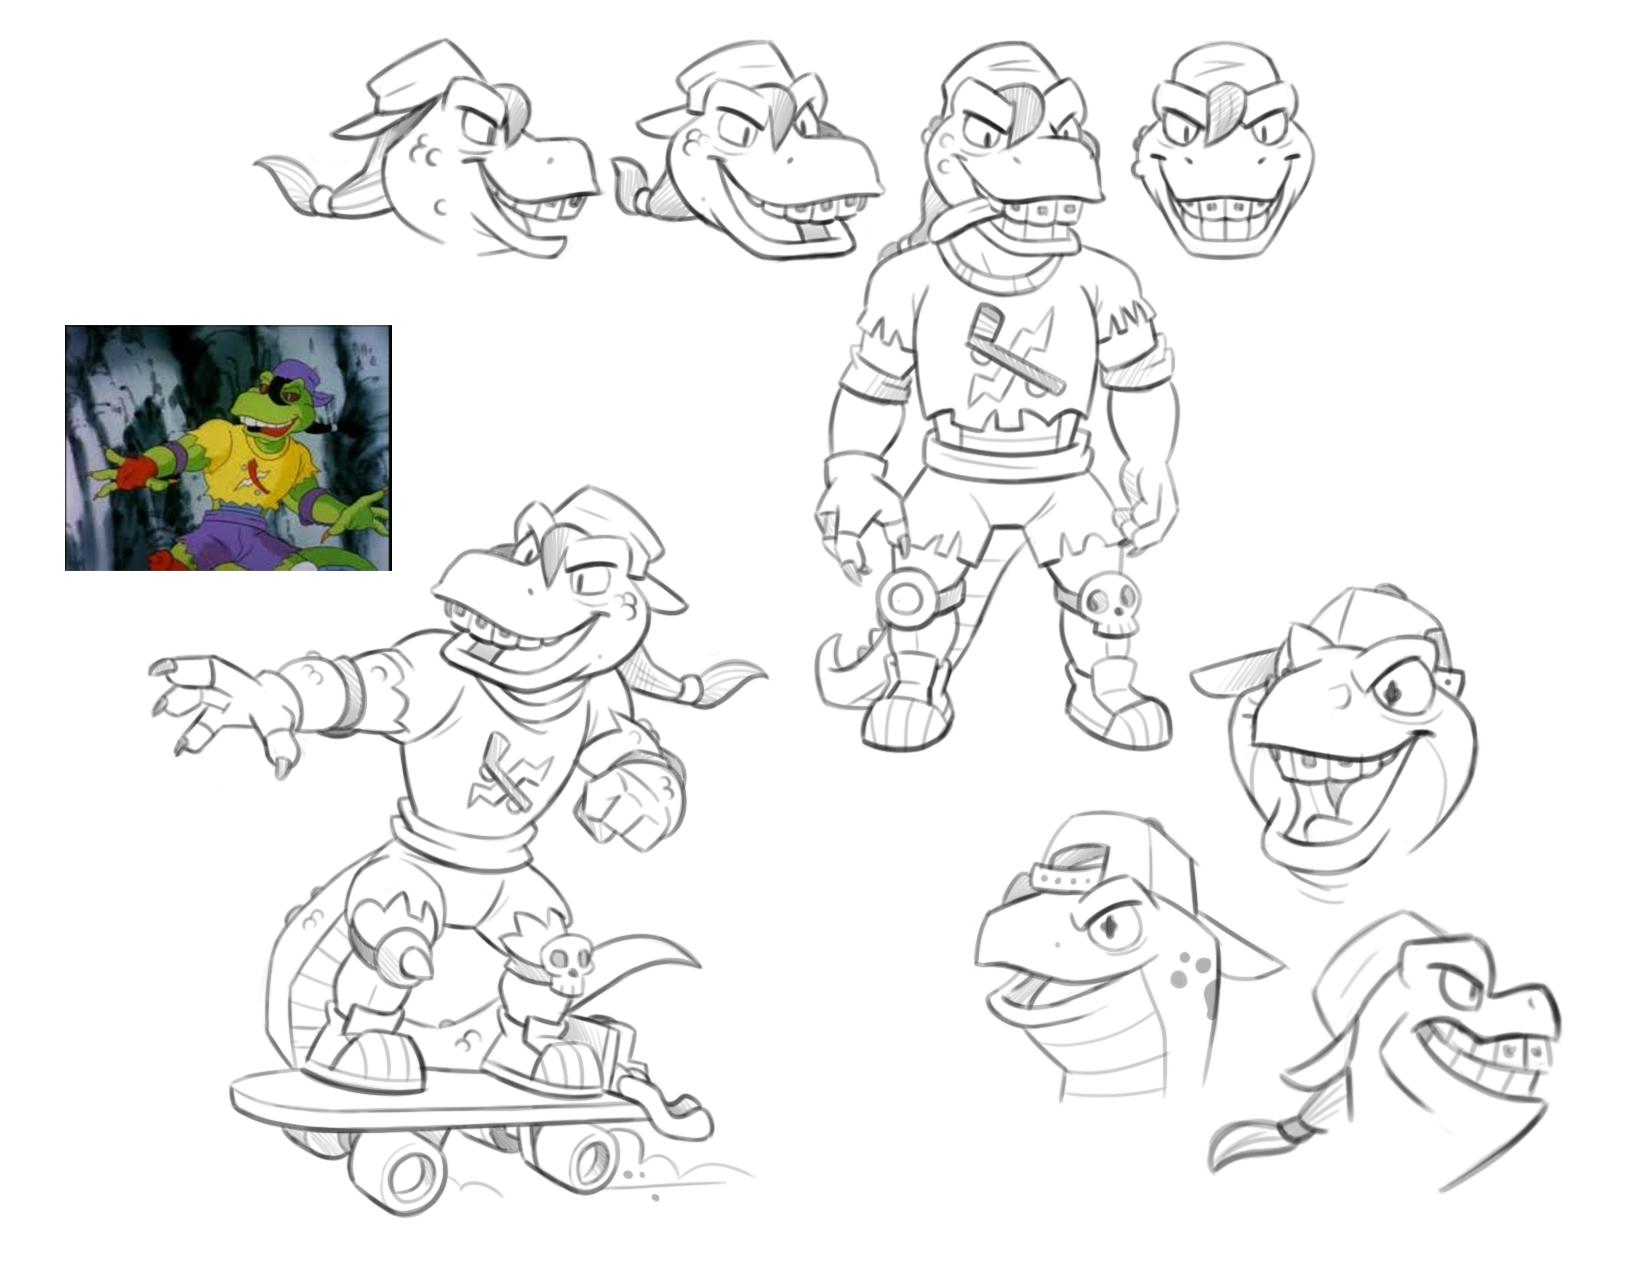 Mondo_Gecko_Concept_Sketch_01